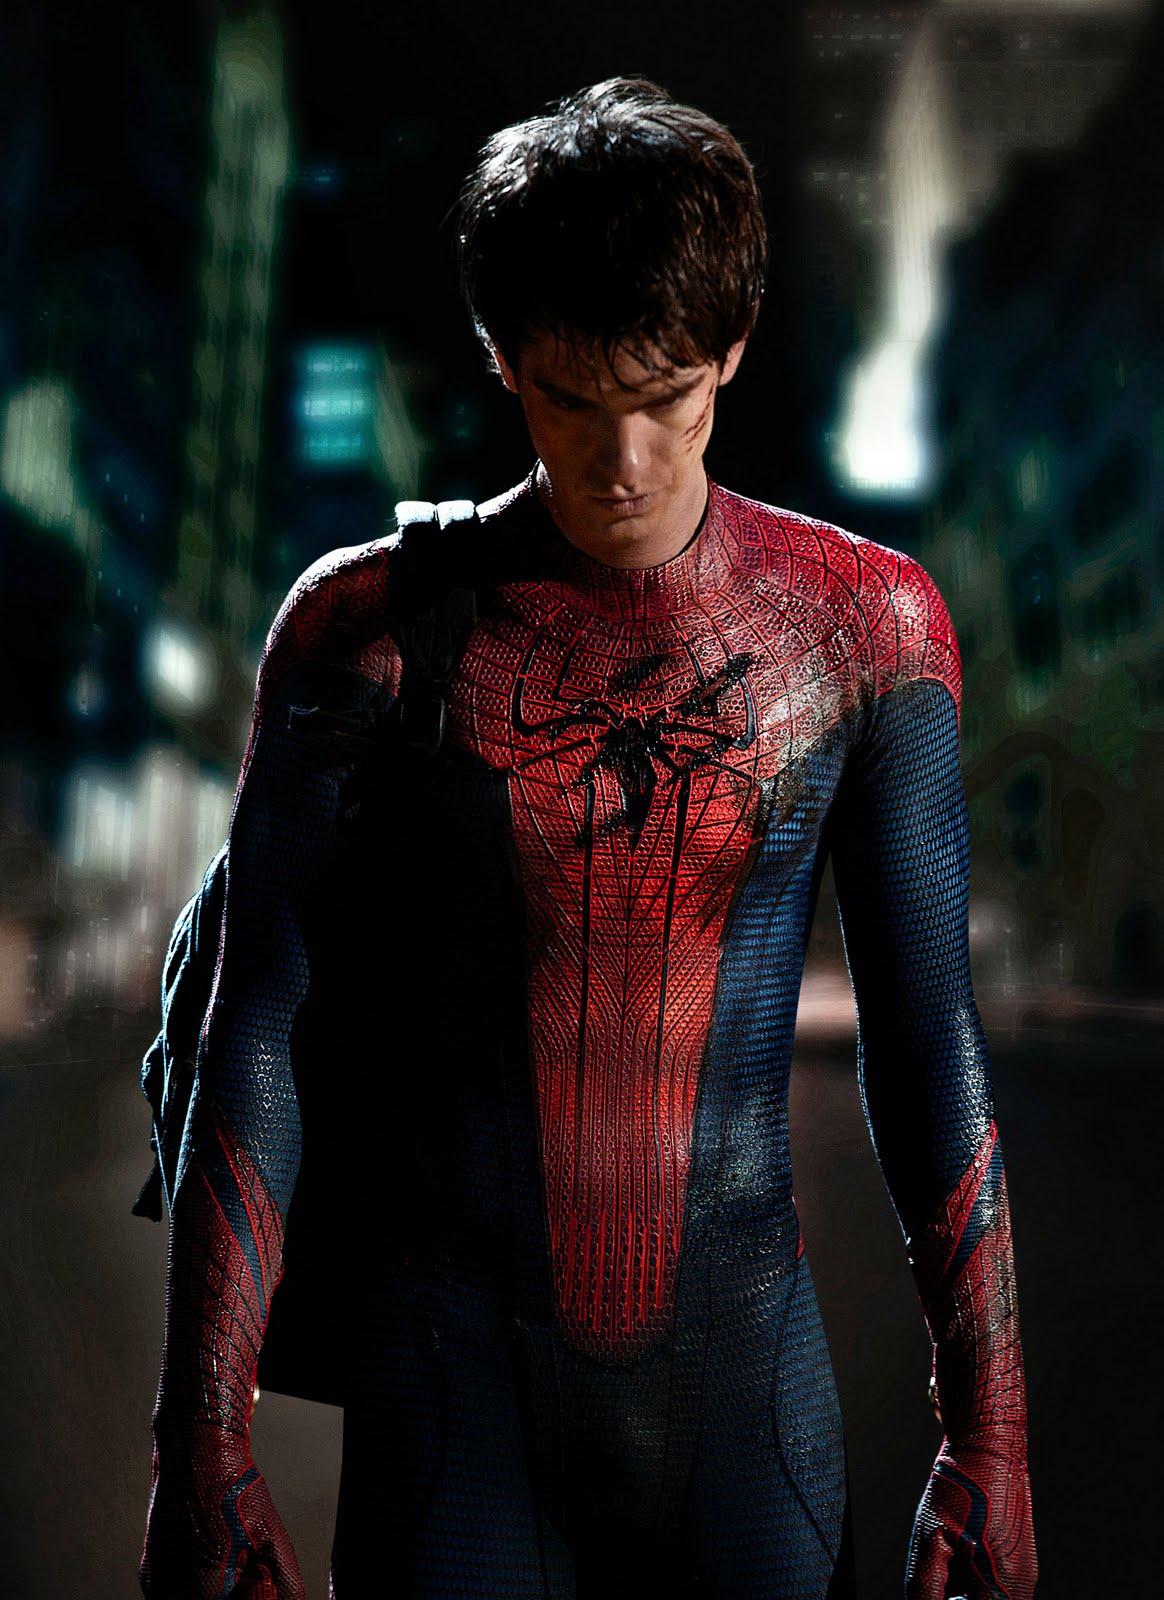 http://3.bp.blogspot.com/_Quj4aRwId7g/TS98sZzAReI/AAAAAAAABGQ/dkRQrSGtPv8/s1600/spiderman_new_2000.jpg